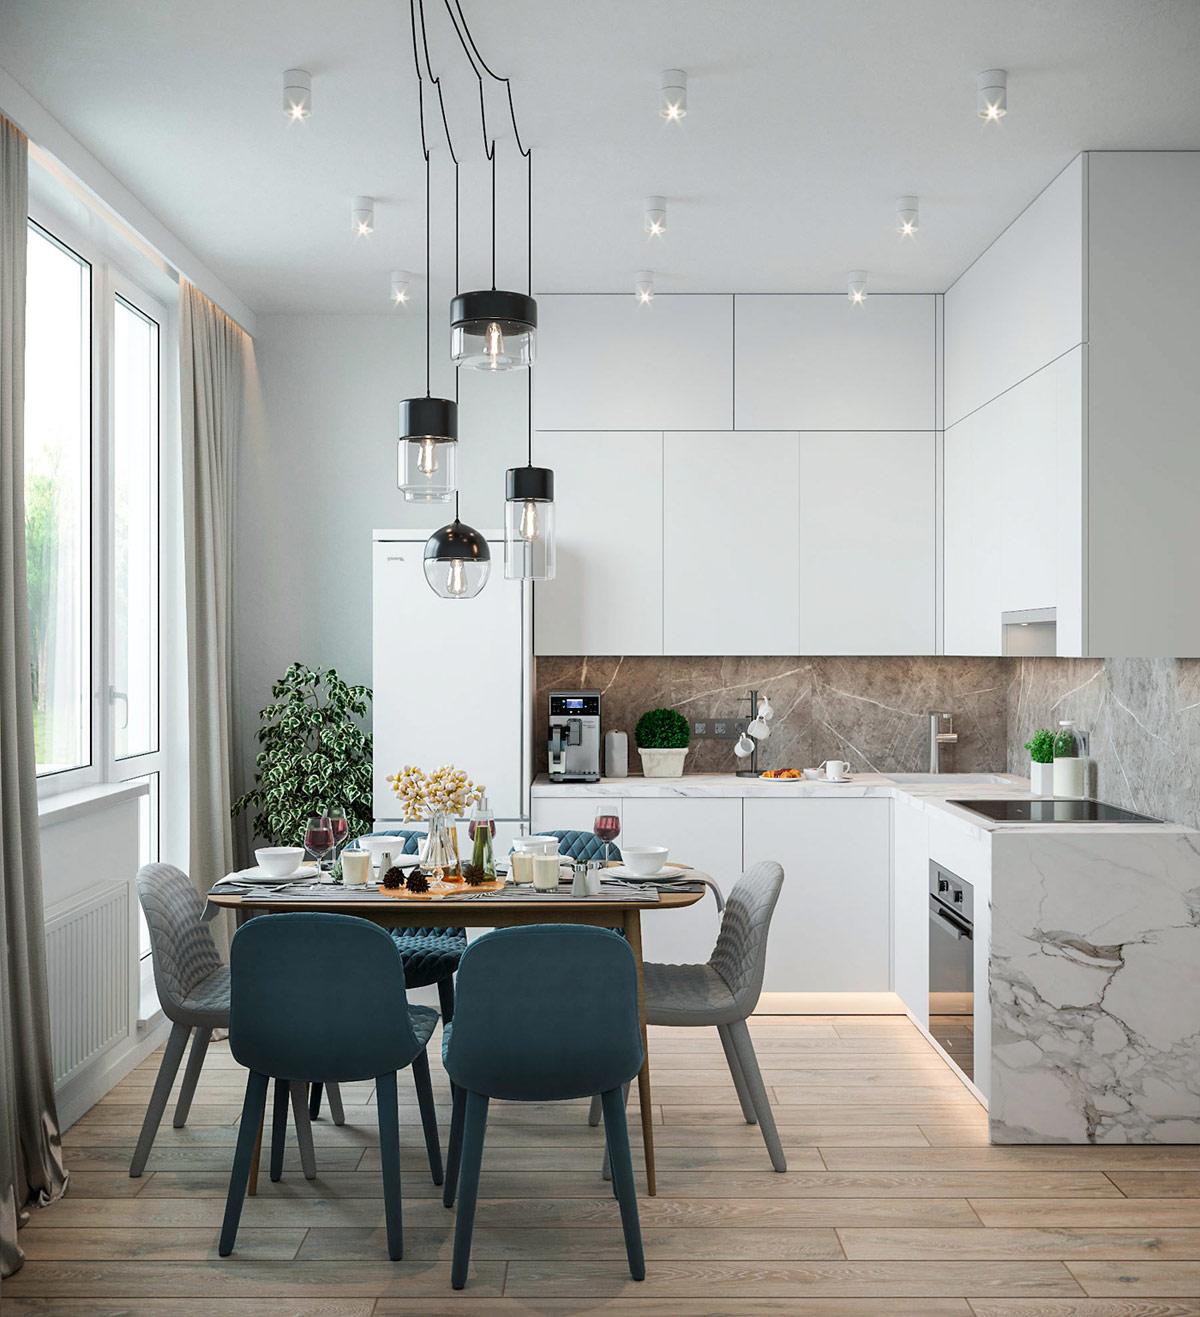 Phòng bếp hình chữ L bao quanh bộ bàn ăn 6 chỗ ngồi nhỏ gọn.